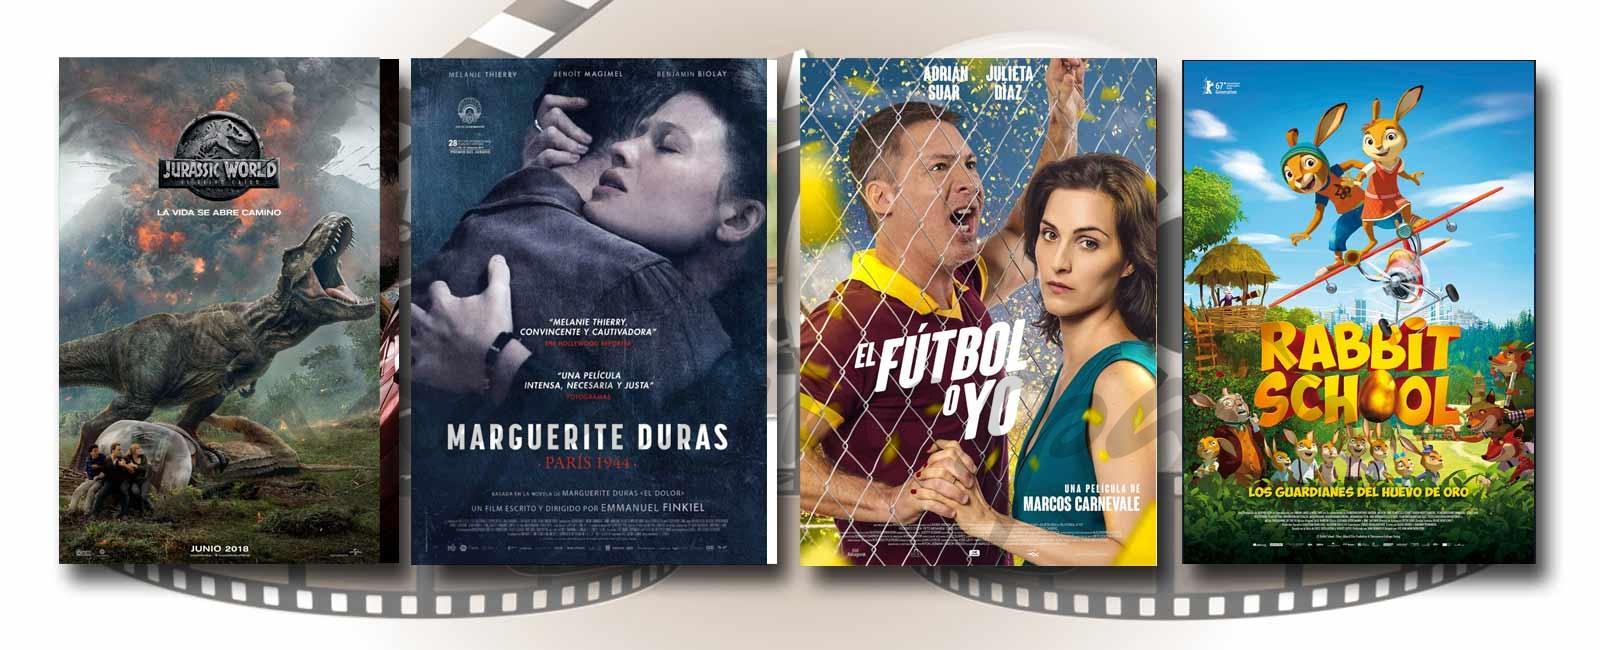 Estrenos de Cine de la Semana… 8 de Junio 2018